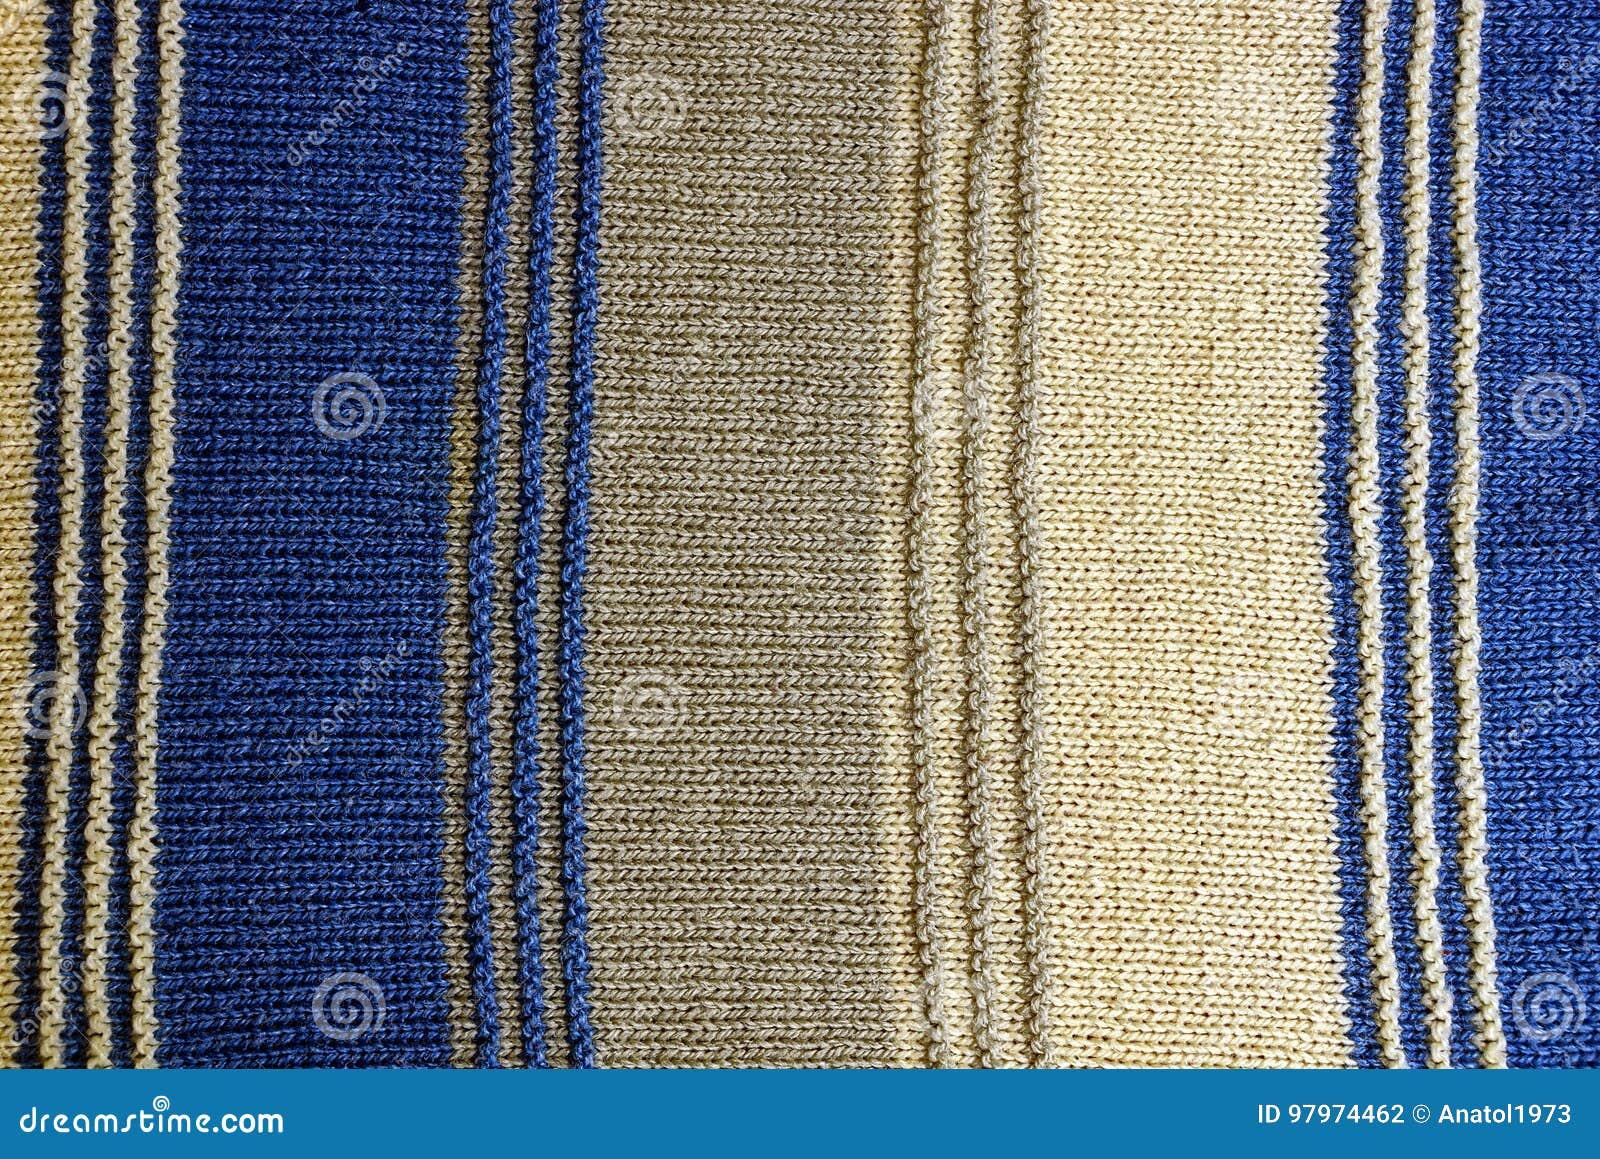 Textur av ett stycke av den woolen tröjan med band